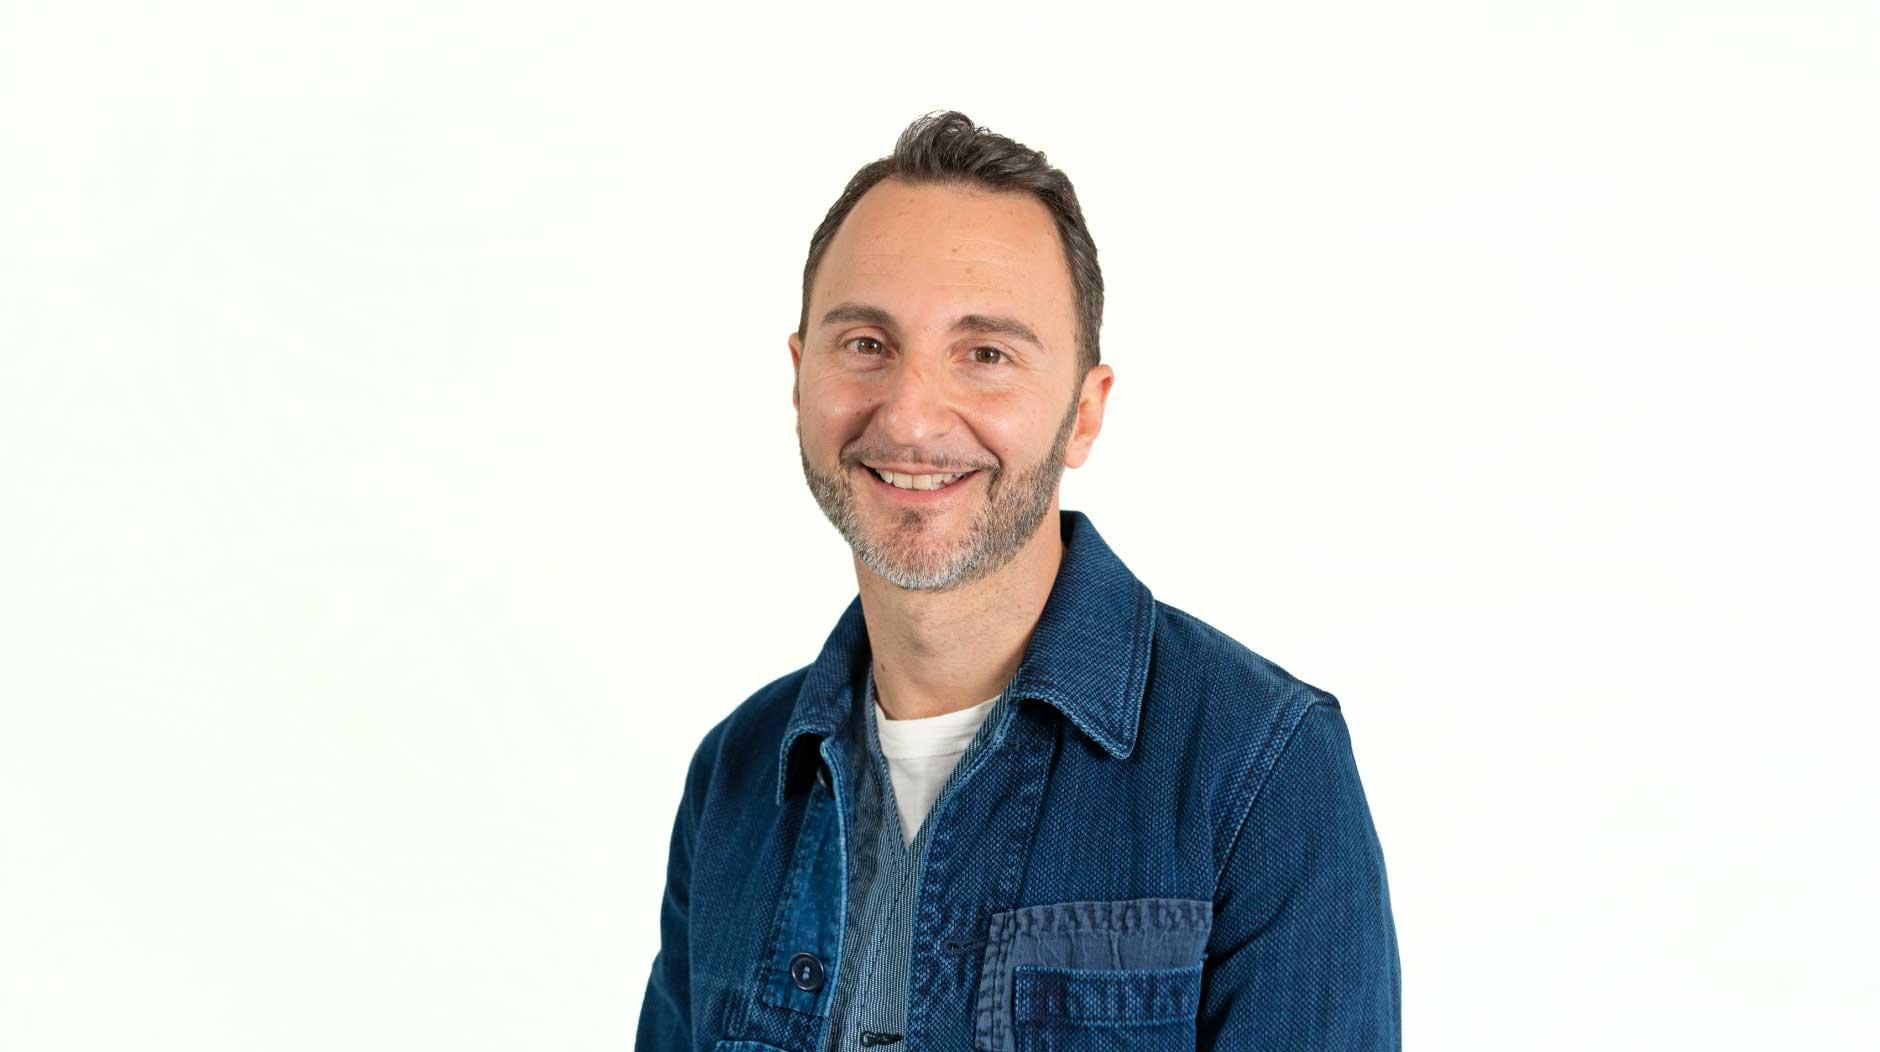 A portrait of Marco Stefanelli